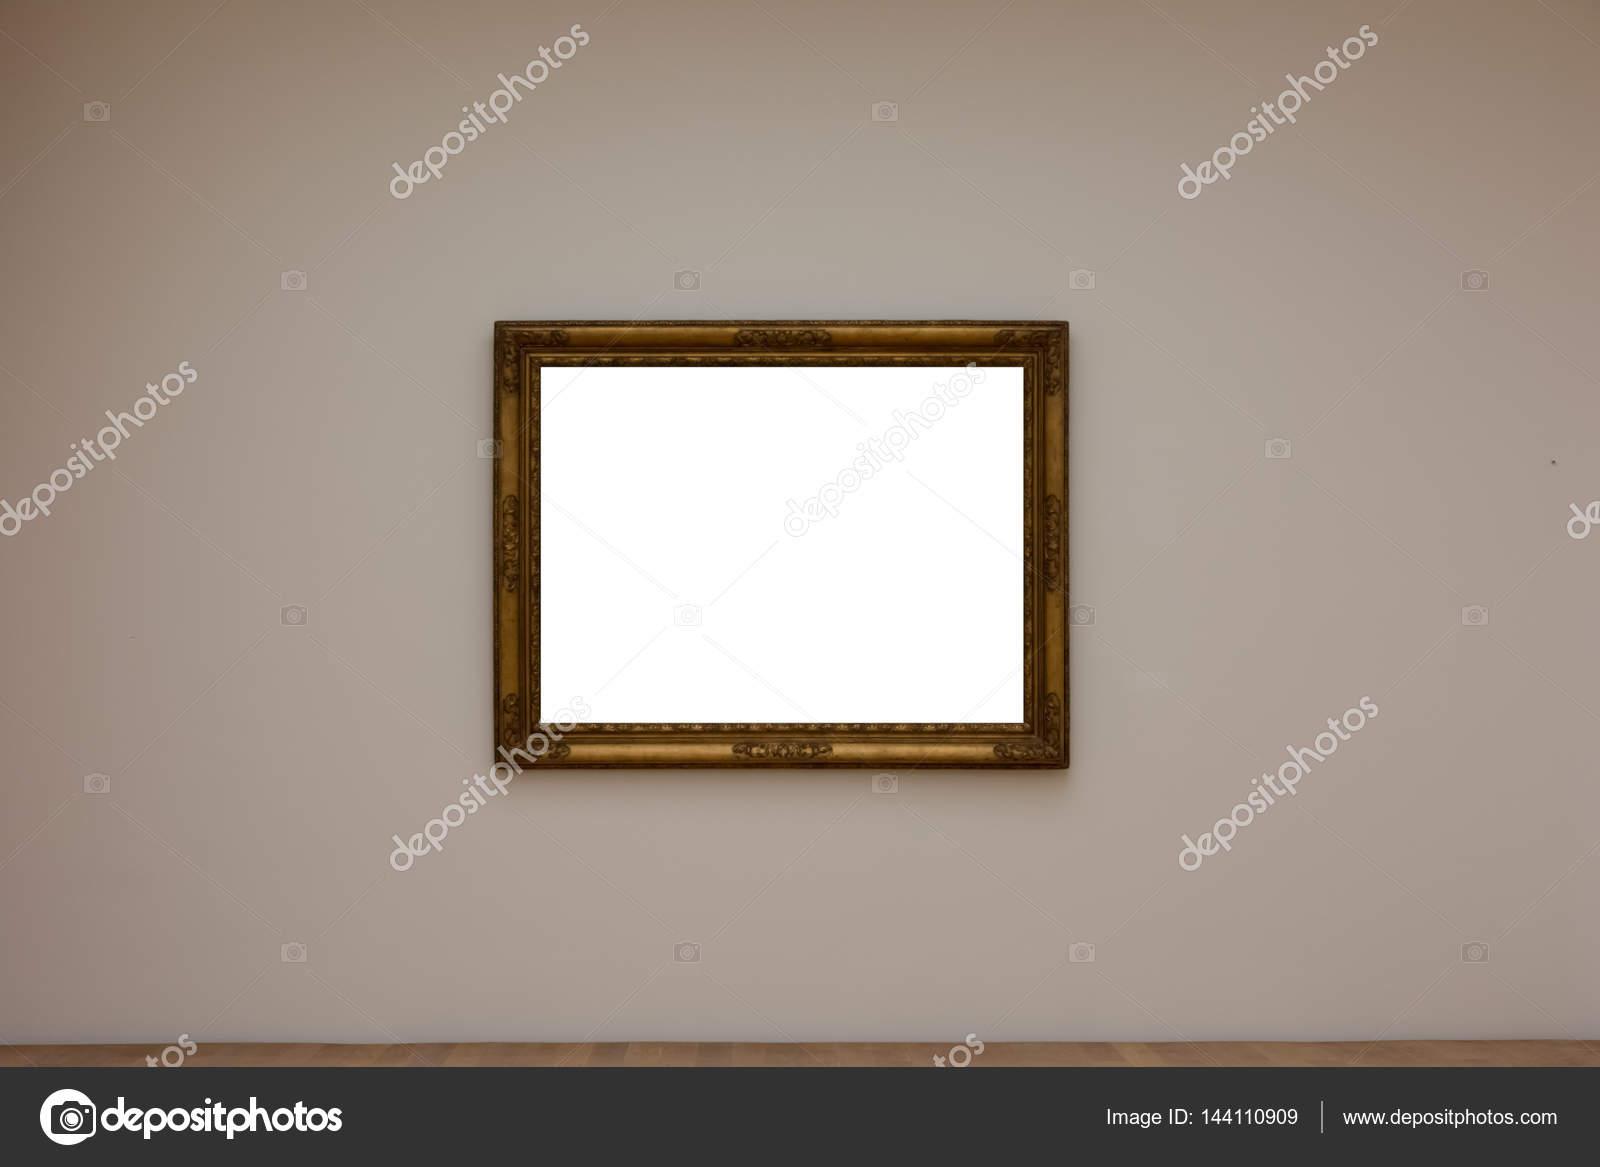 Leere weiße Kunst Galerie Rahmen Bild Wand weiß zeitgenössischen Mo ...